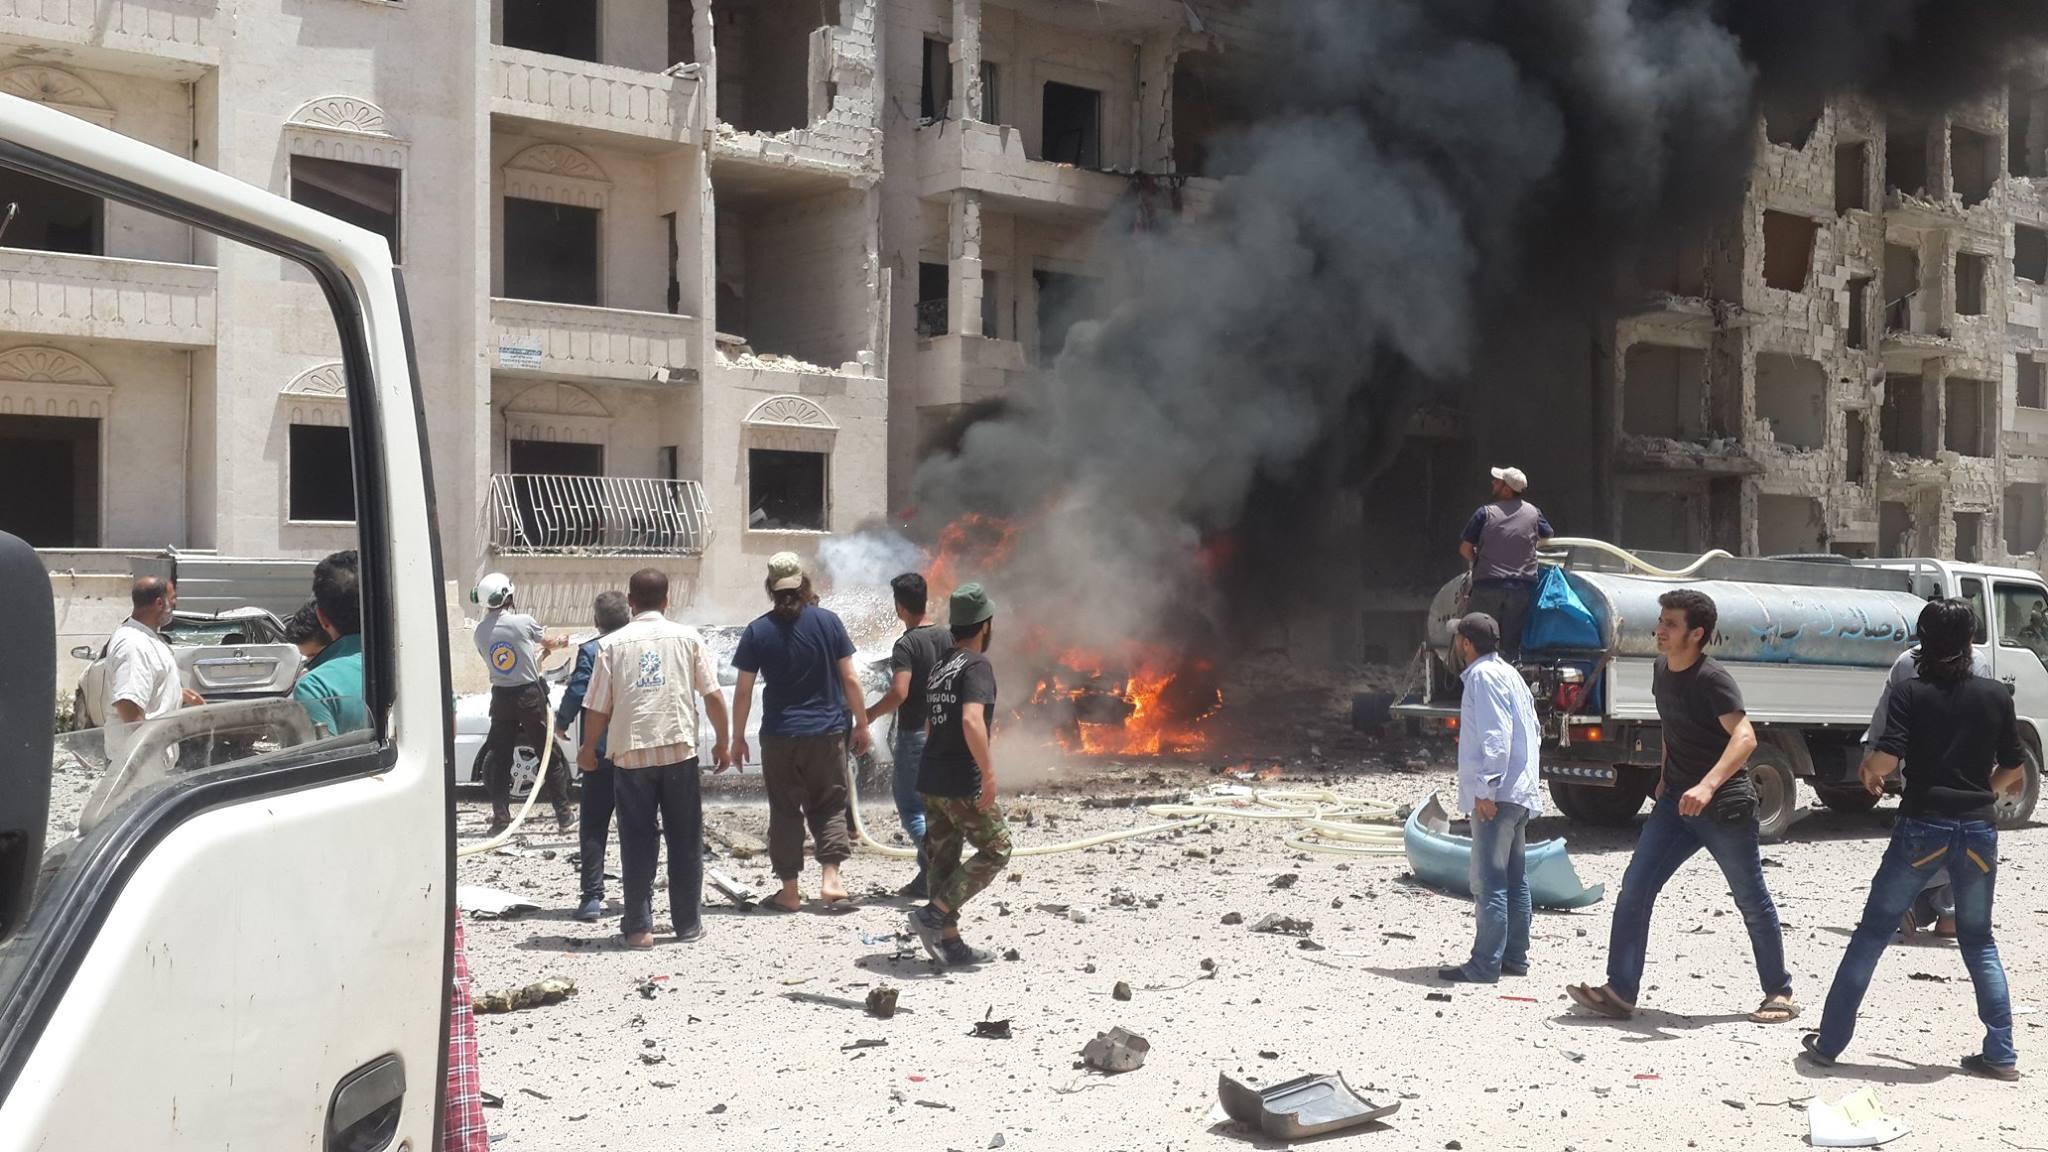 أدى الانفجار إلى إلحاق أضرار بالمباني والسيارات الموجودة في المكان